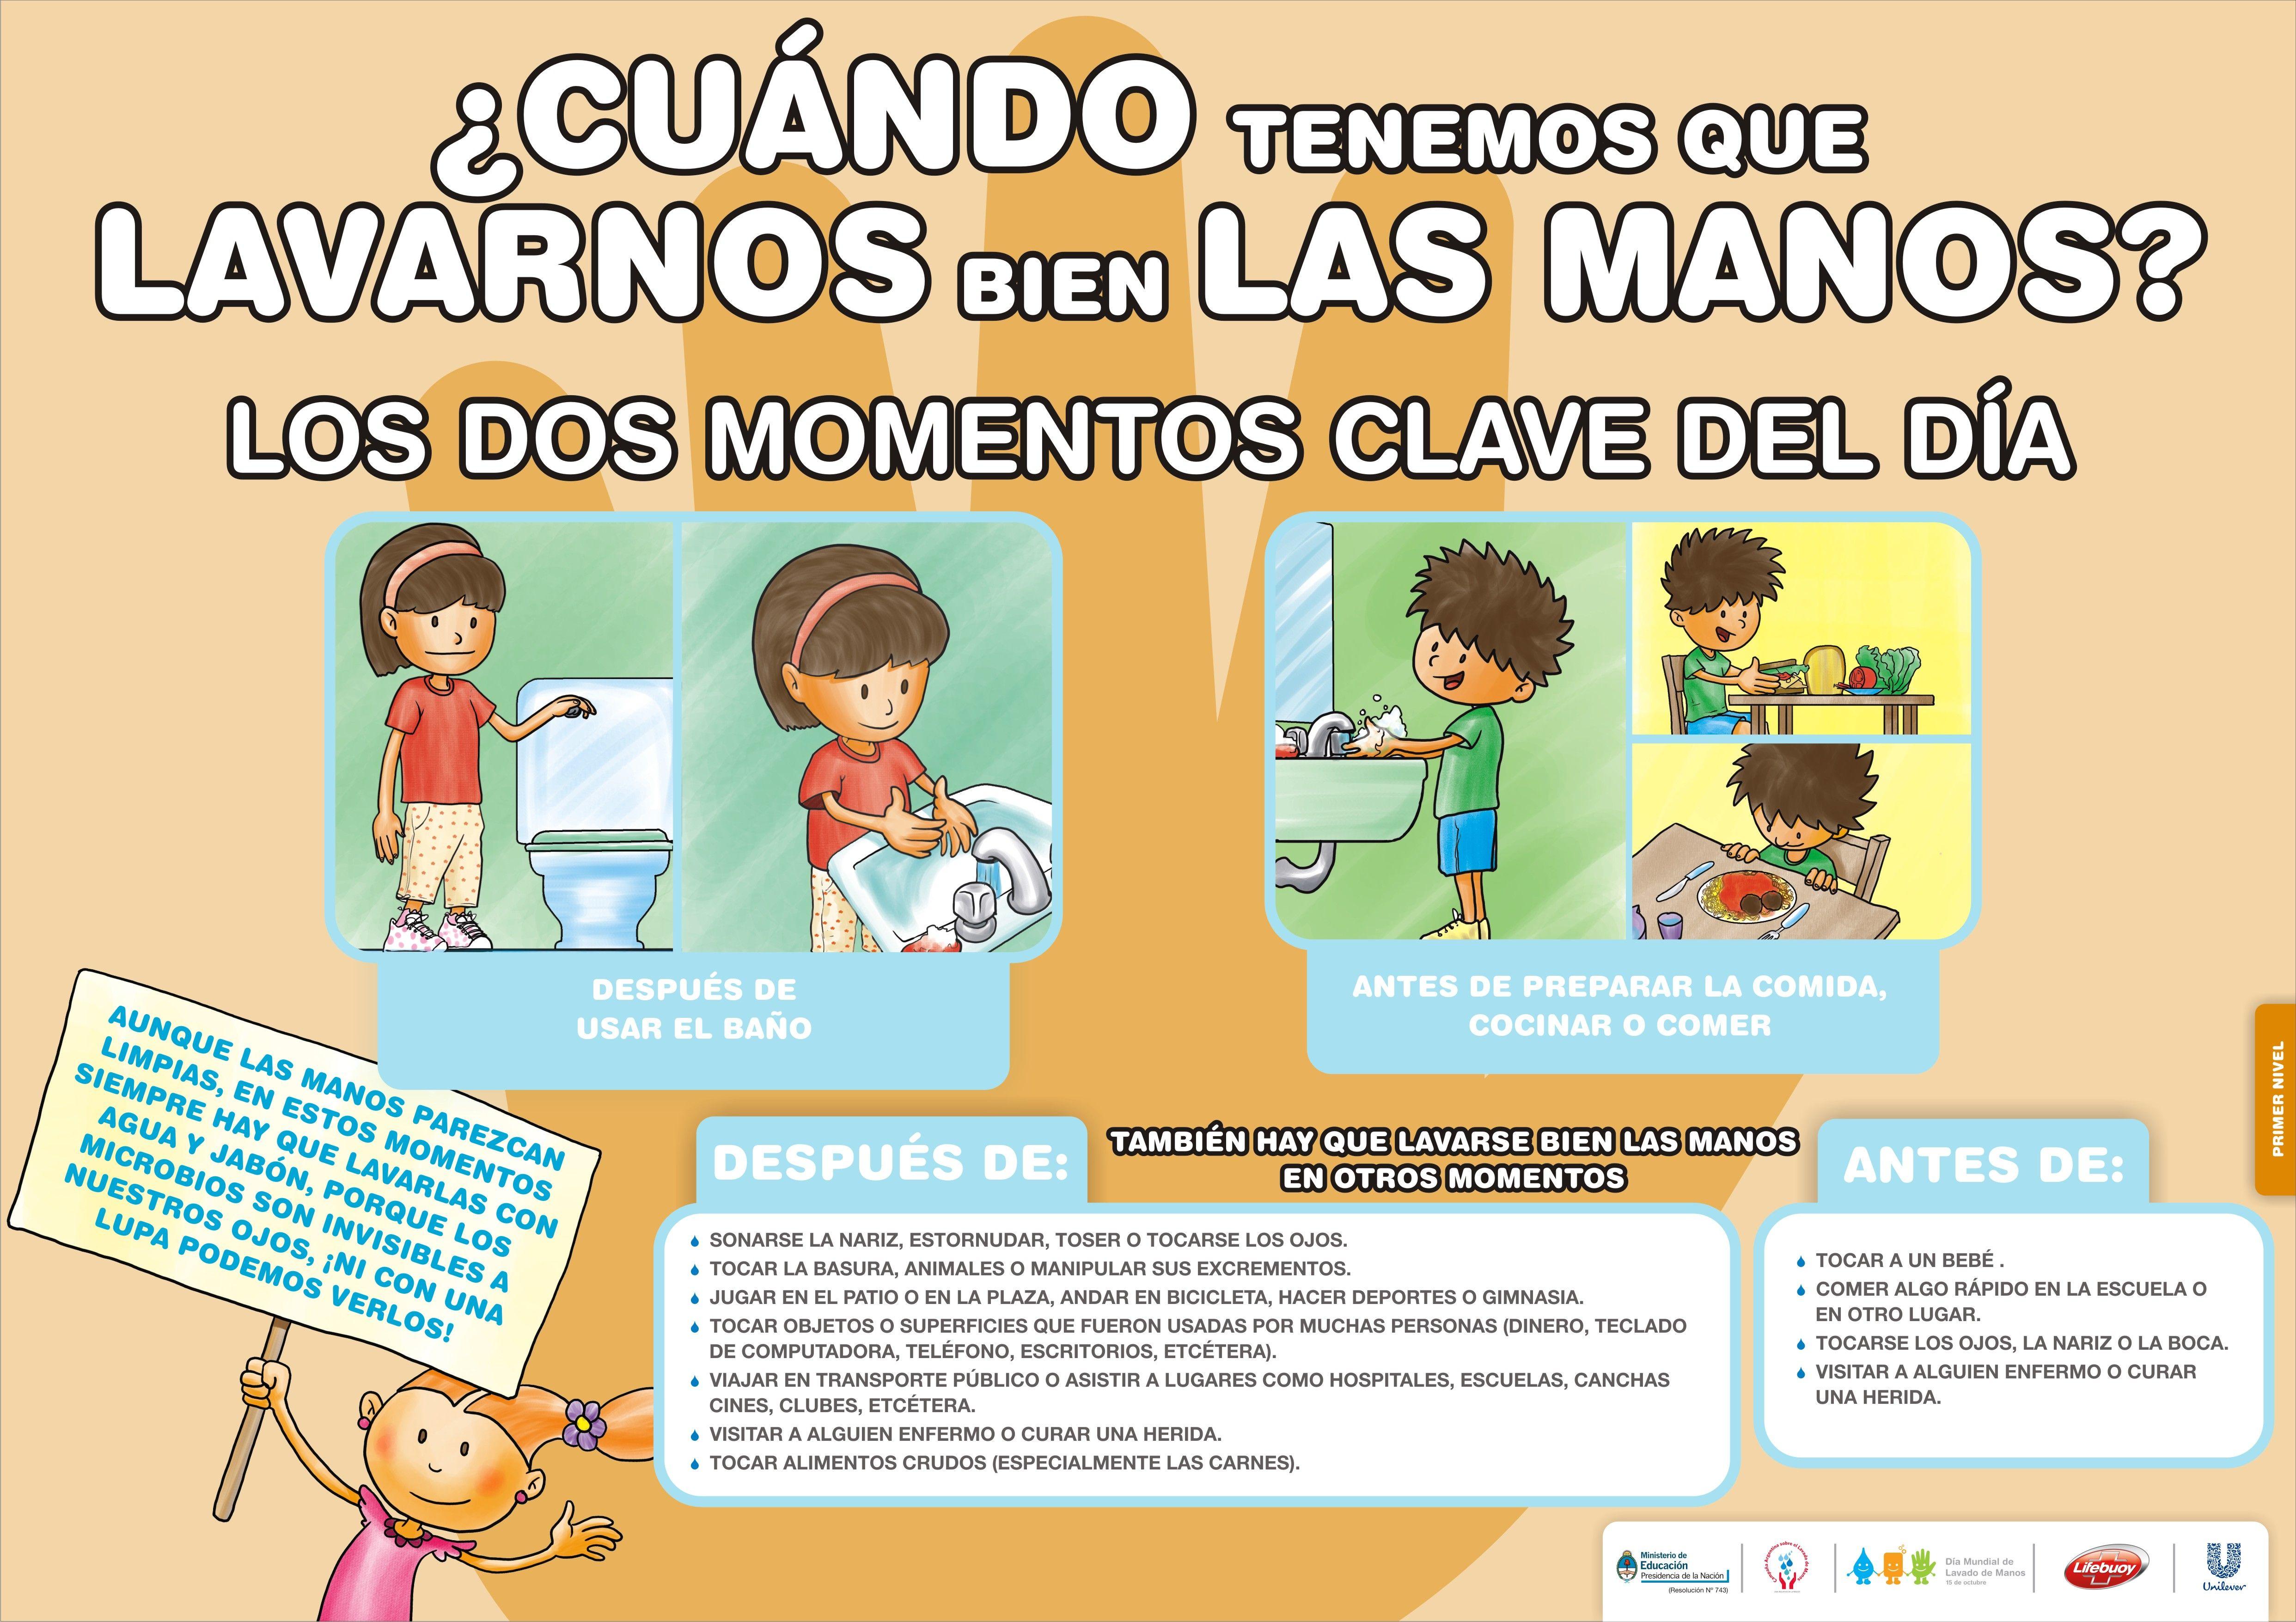 Cuando Lavarse Las Manos 1er Ciclo Reflexive Verbs Spanish